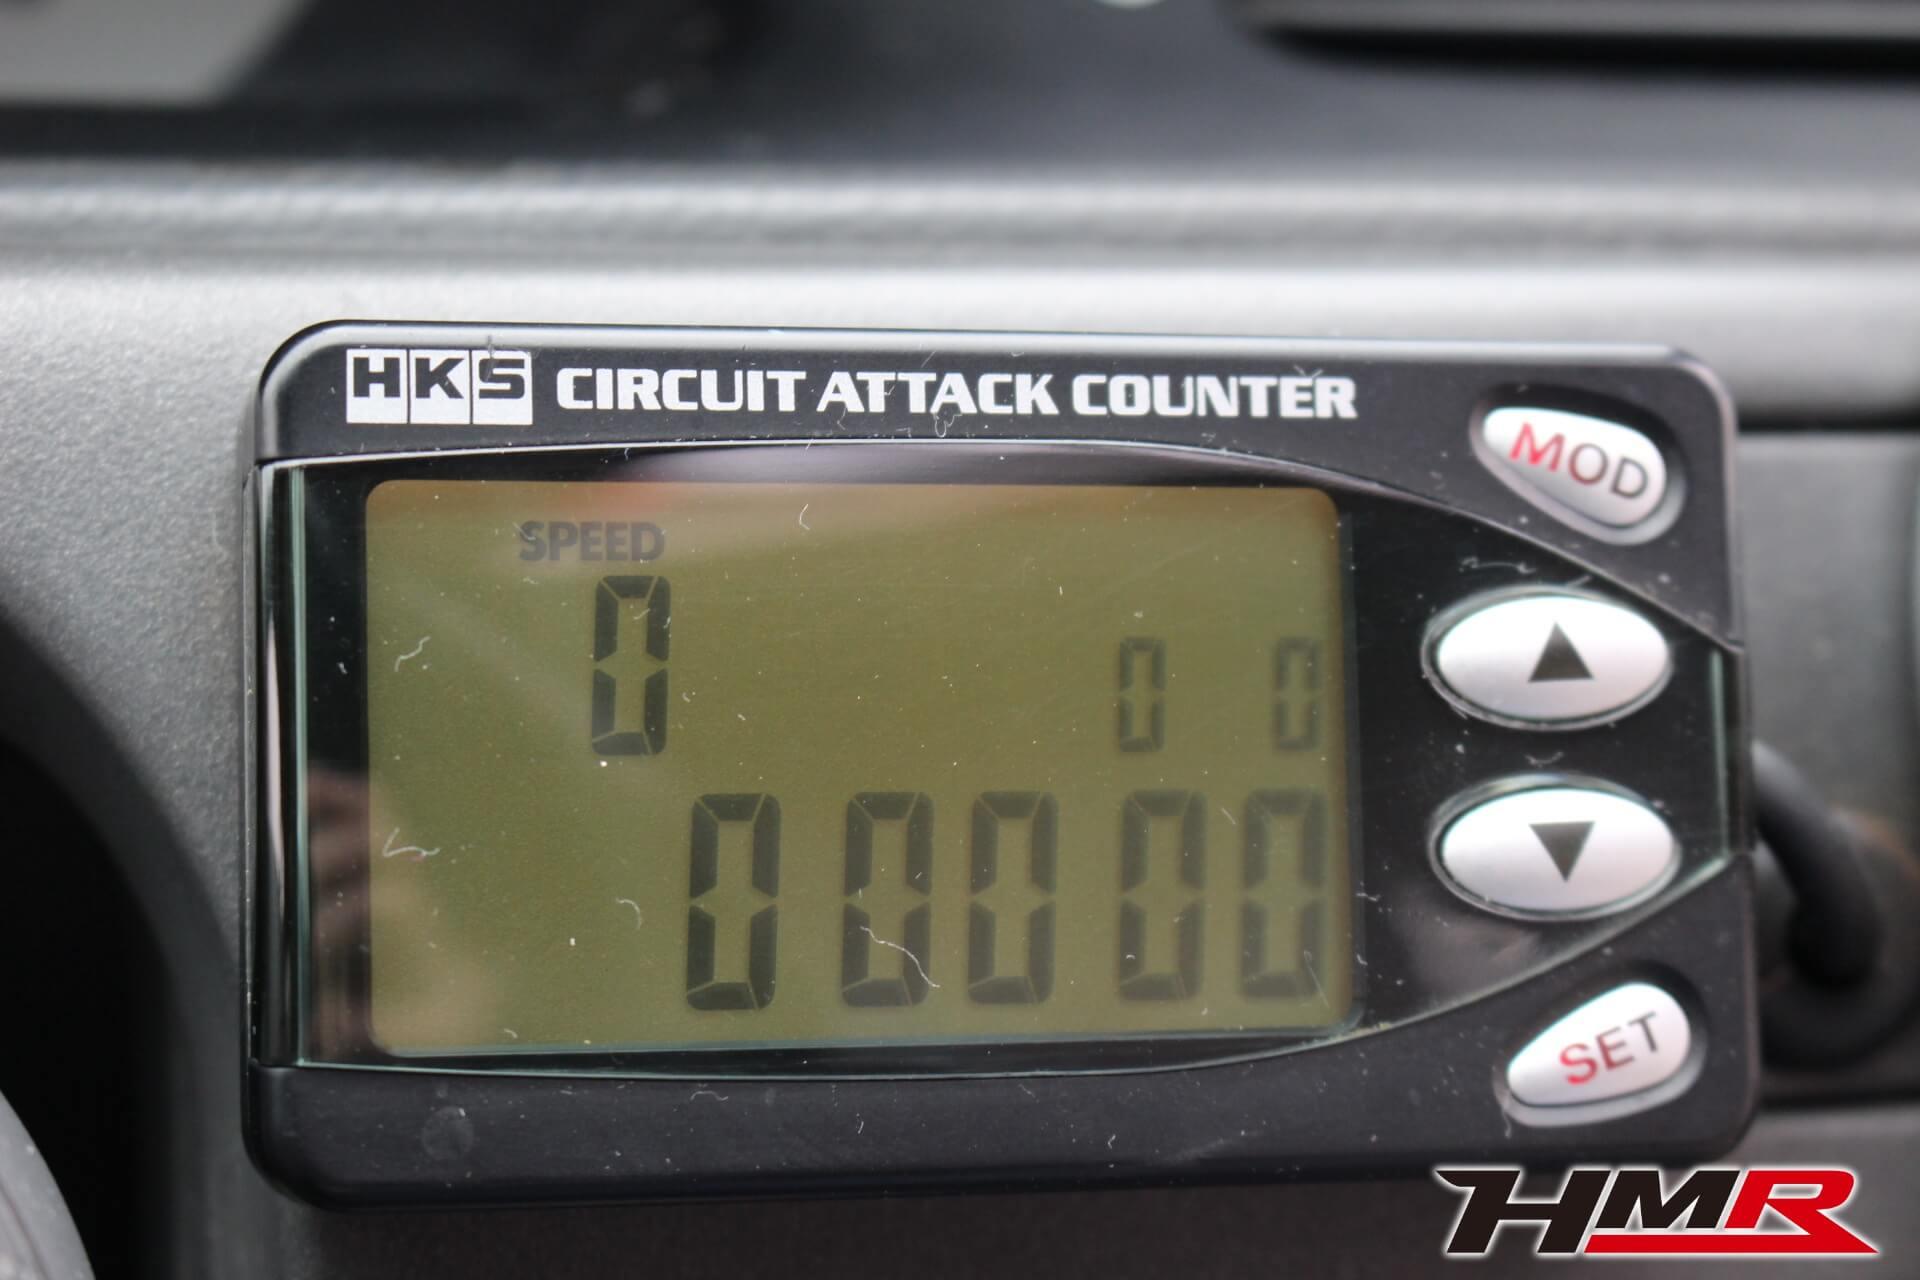 HKSサーキットアタックカウンター画像